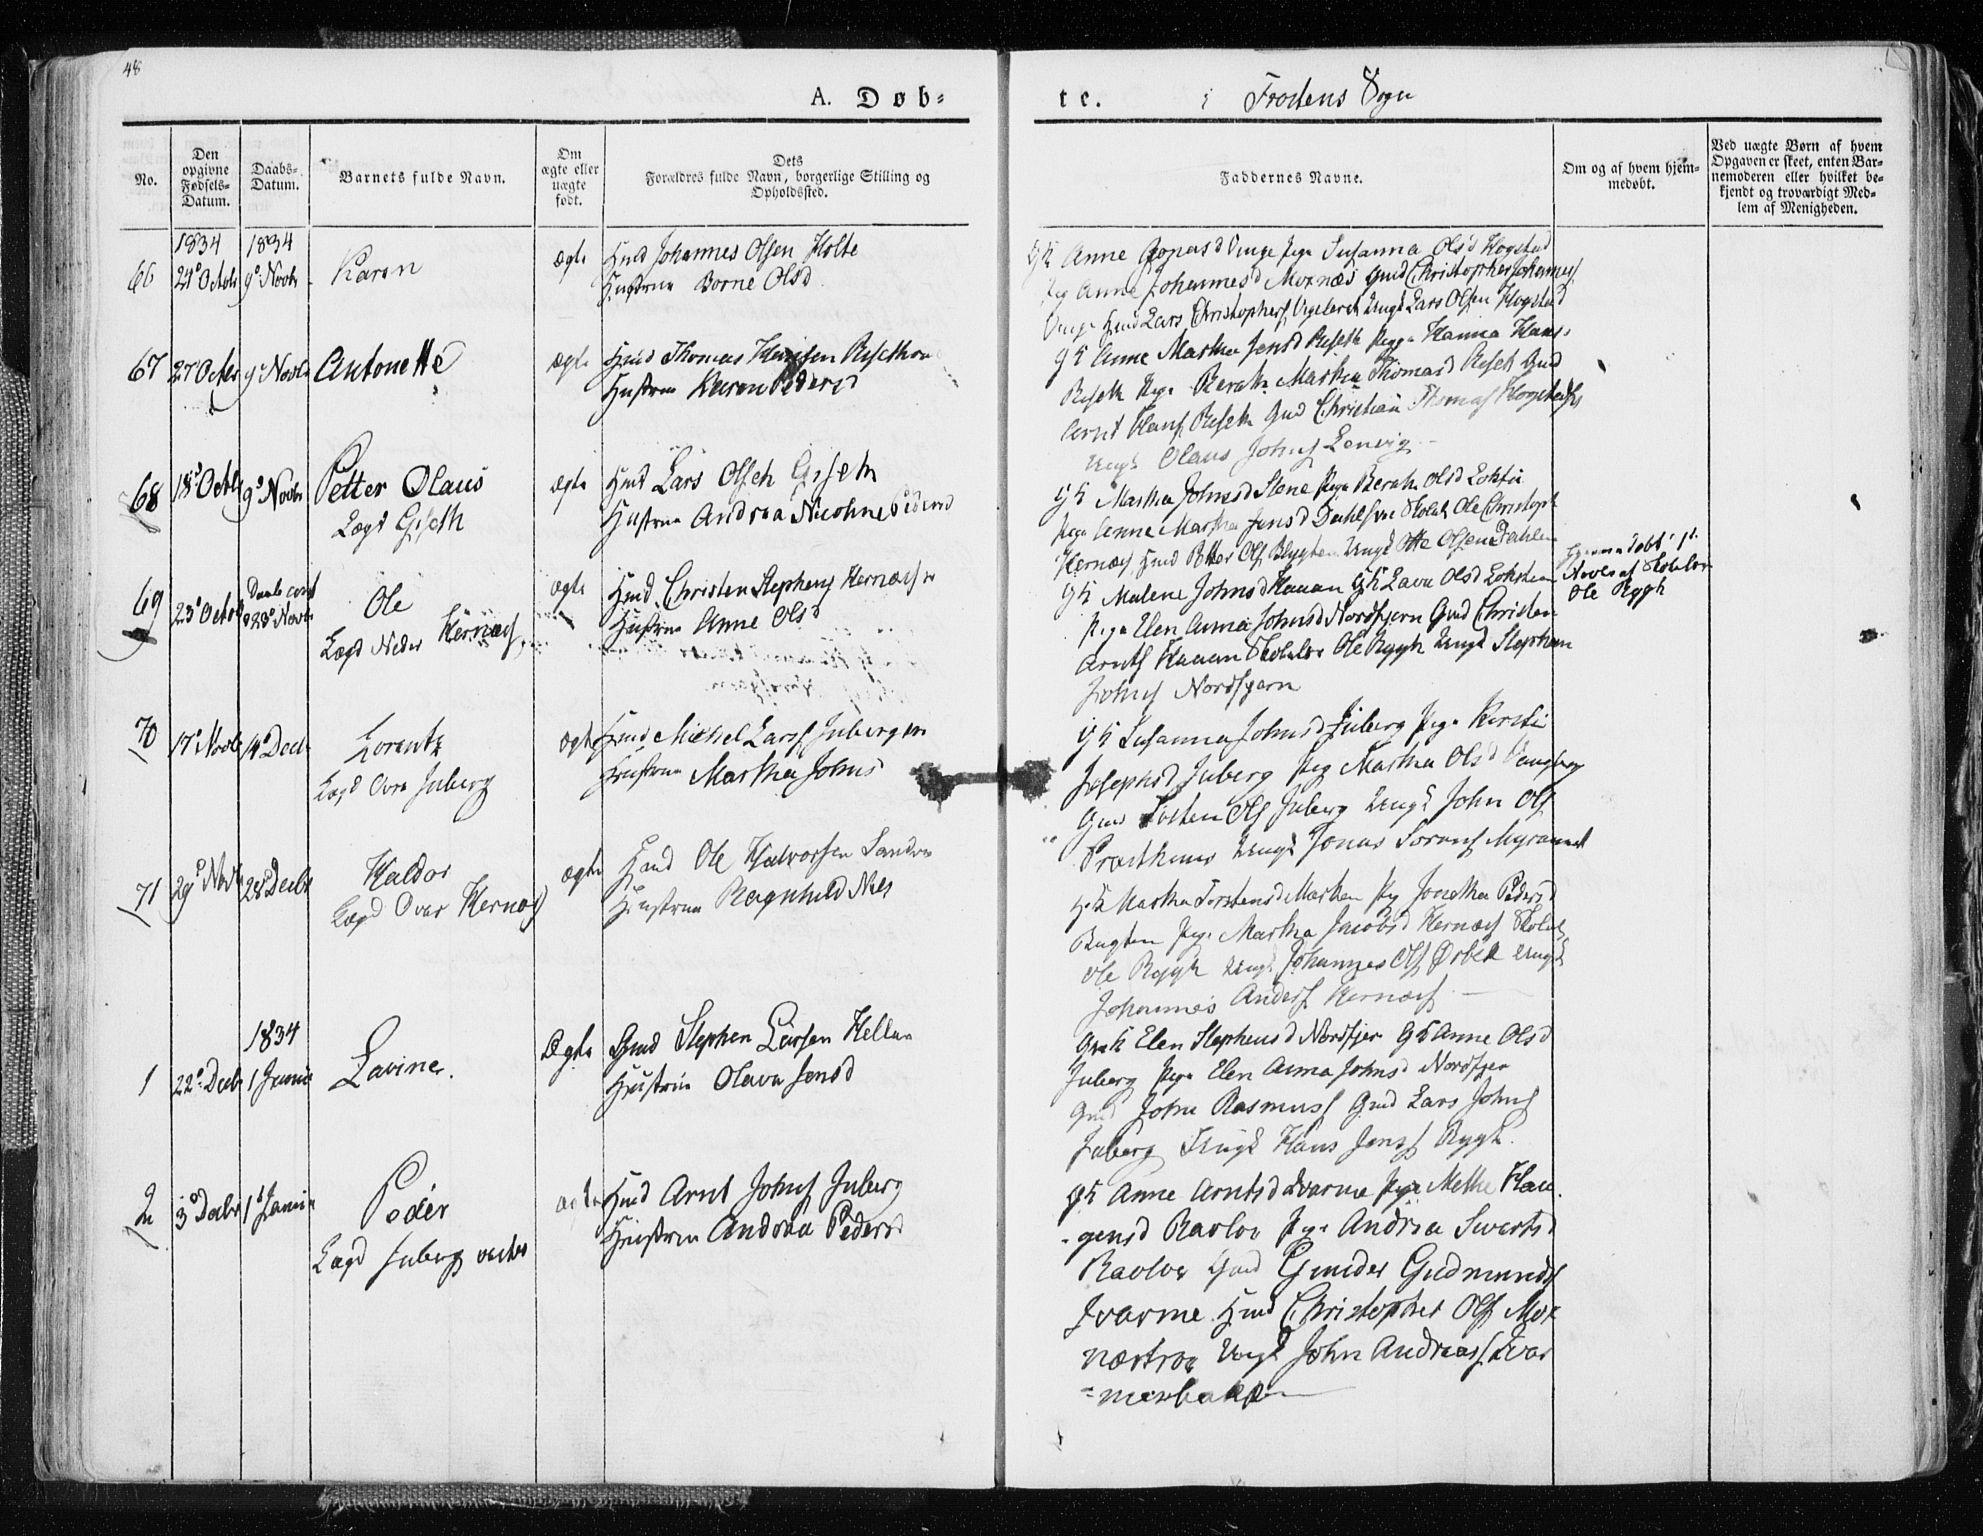 SAT, Ministerialprotokoller, klokkerbøker og fødselsregistre - Nord-Trøndelag, 713/L0114: Ministerialbok nr. 713A05, 1827-1839, s. 48